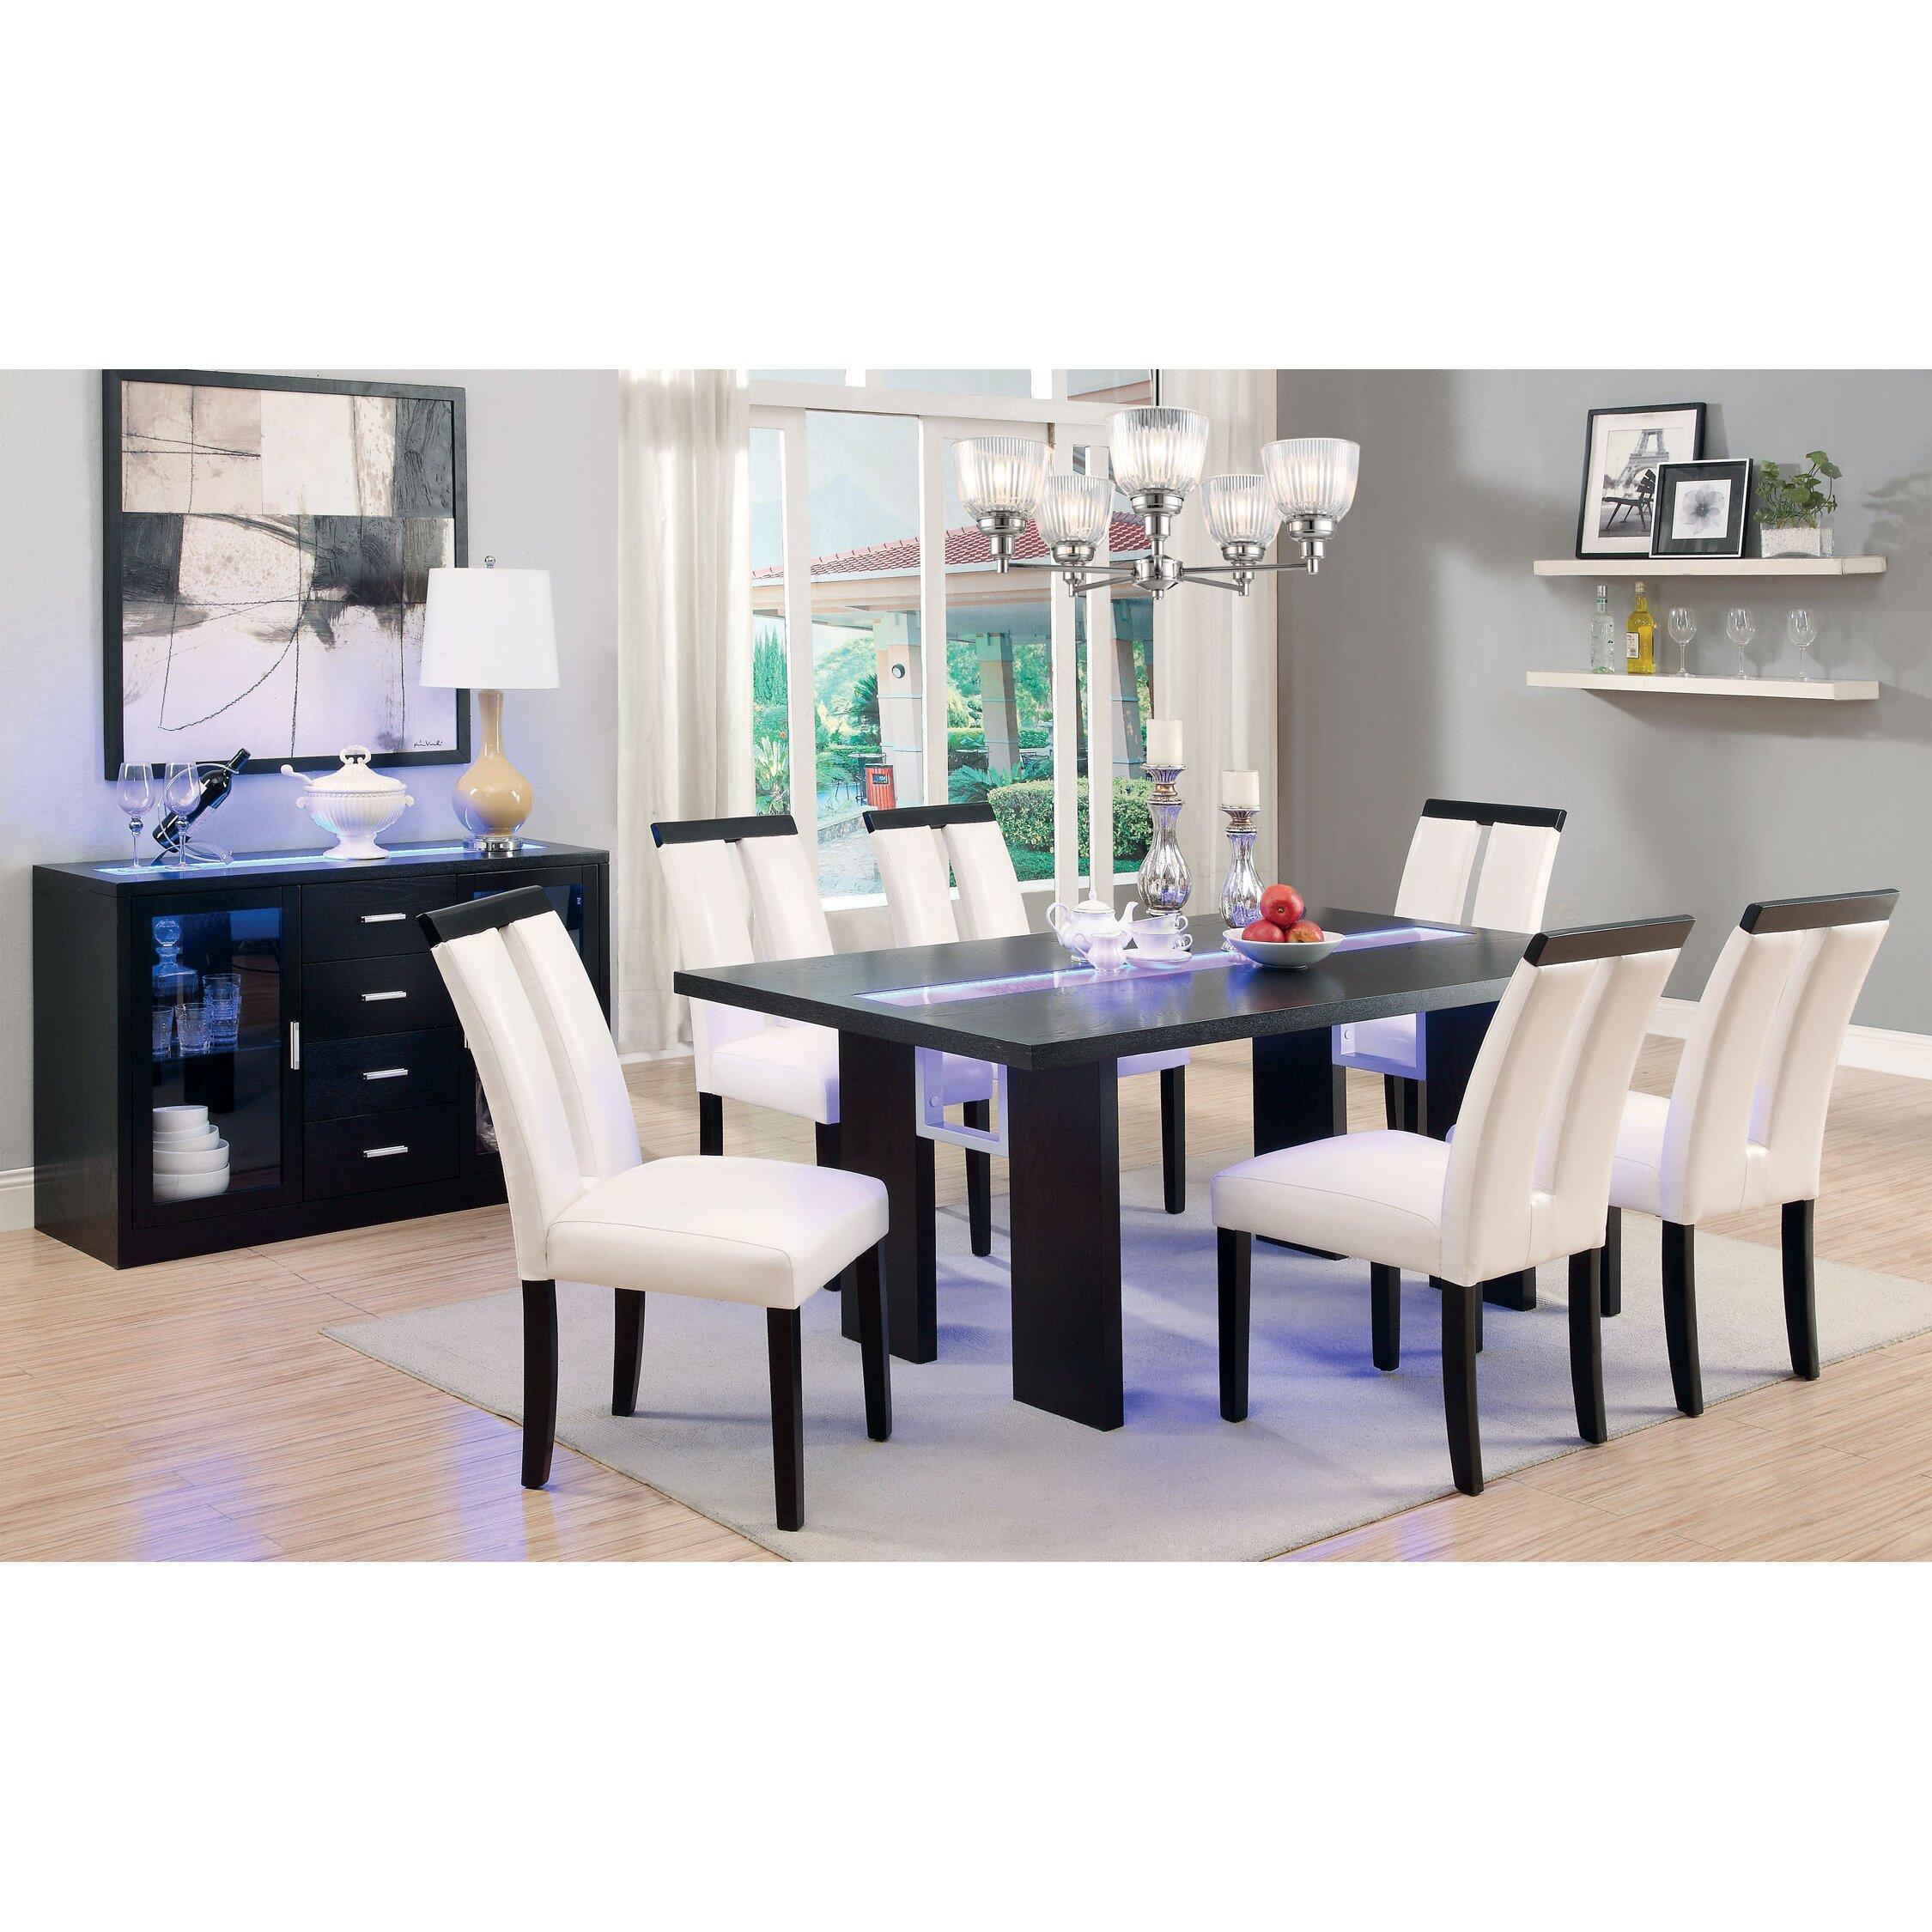 Latitude Run Modrest Luminate LED Dining Table LATT wayfair kitchen chairs Latitude Run Modrest Luminate LED Dining Table